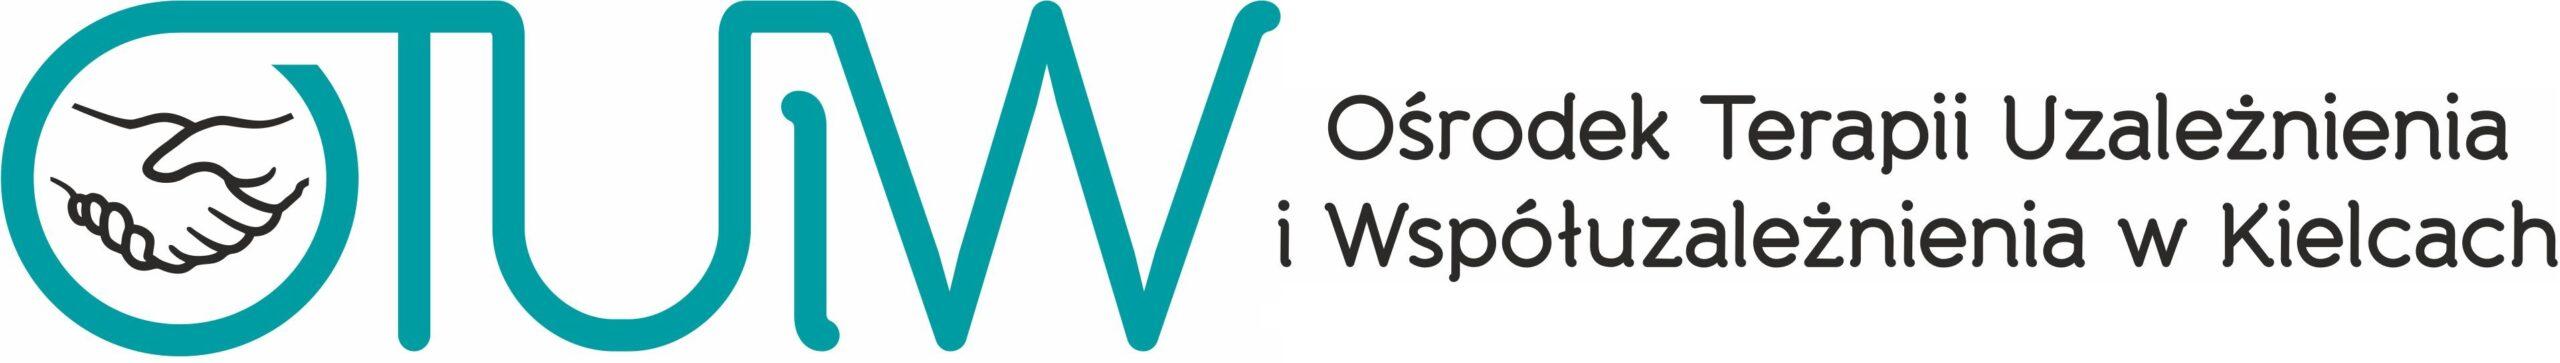 Ośrodek Terapii Uzależnienia i Współuzależnienia w Kielcach